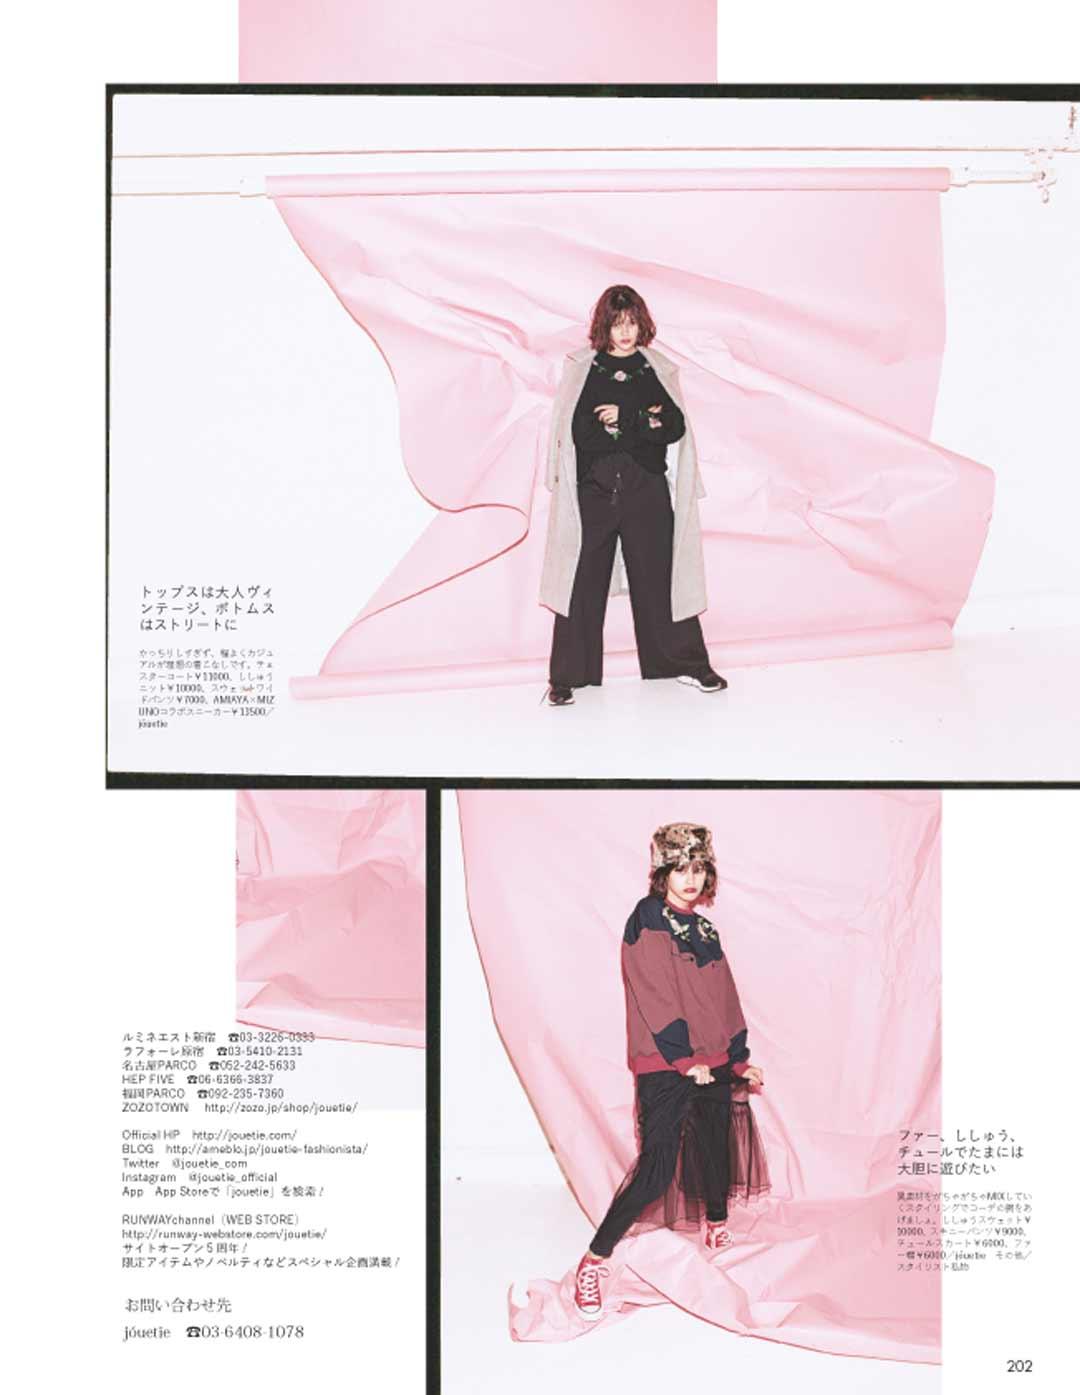 ViVi 11月号P.202『jouetie【ストリート×ヴィンテージ】』掲載